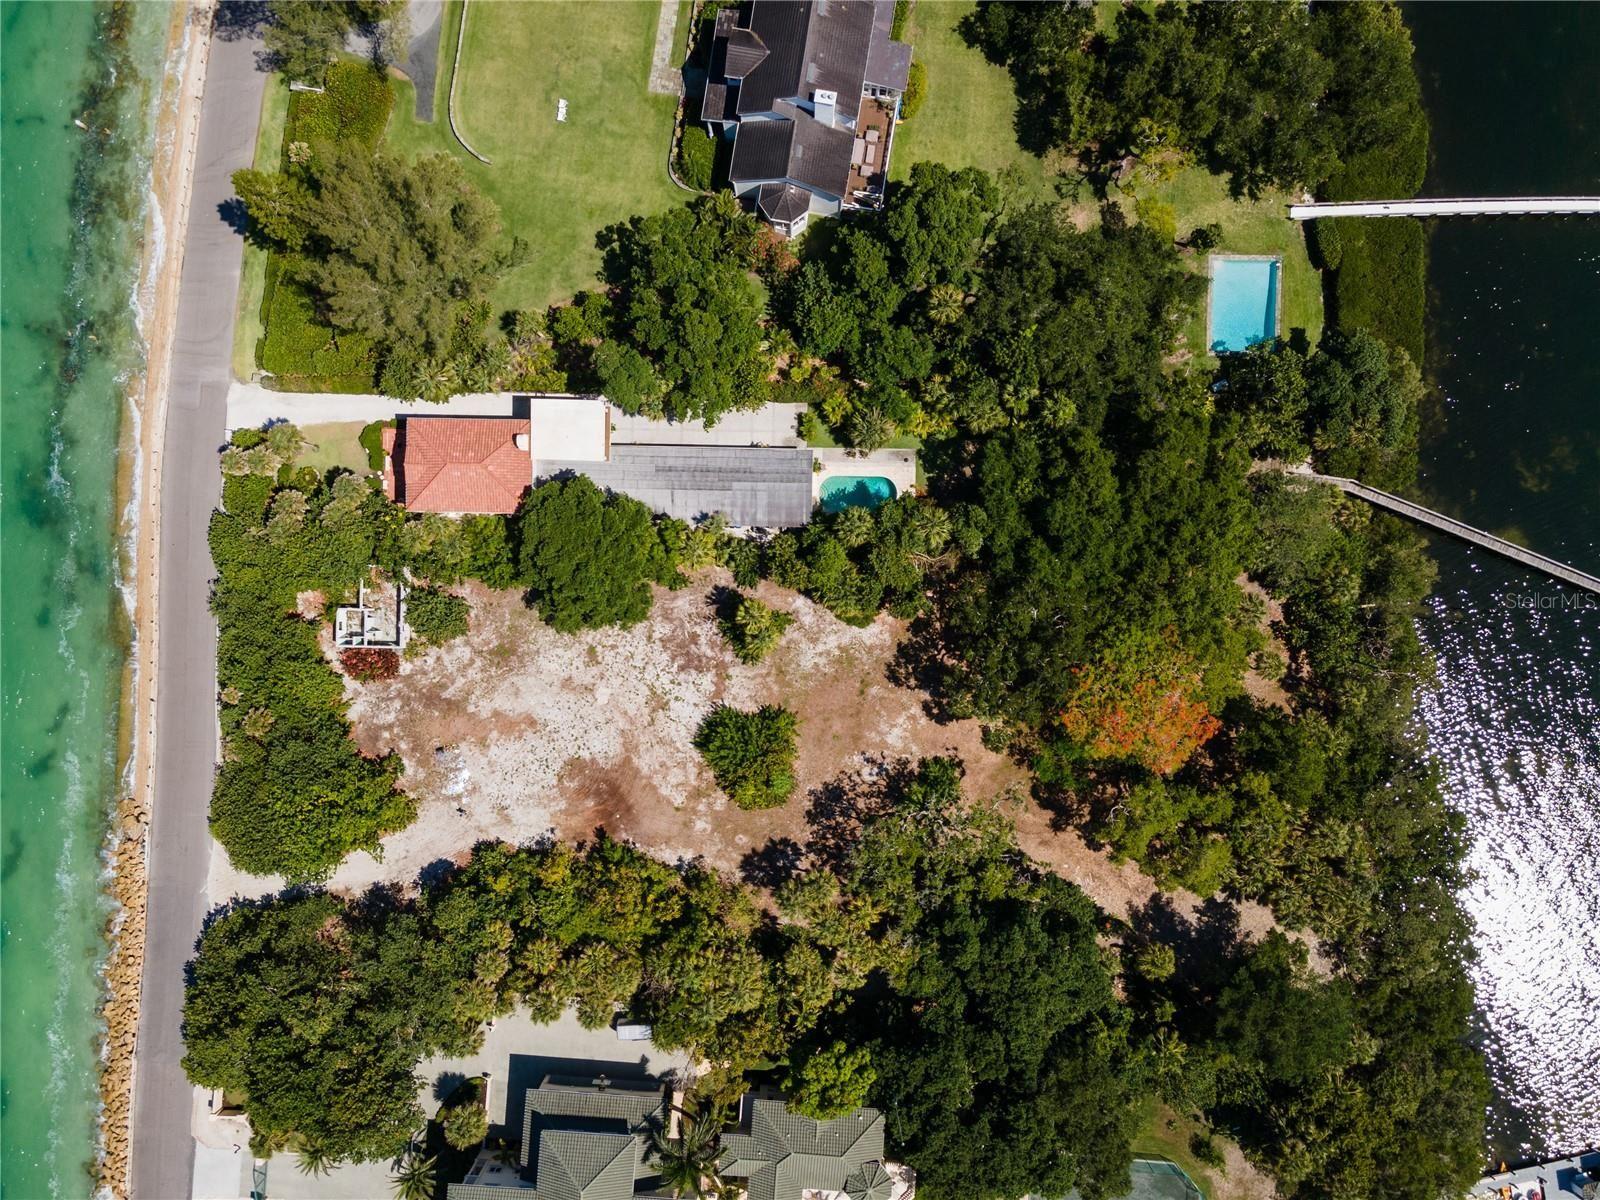 Photo of 728 N CASEY KEY ROAD, OSPREY, FL 34229 (MLS # A4504043)